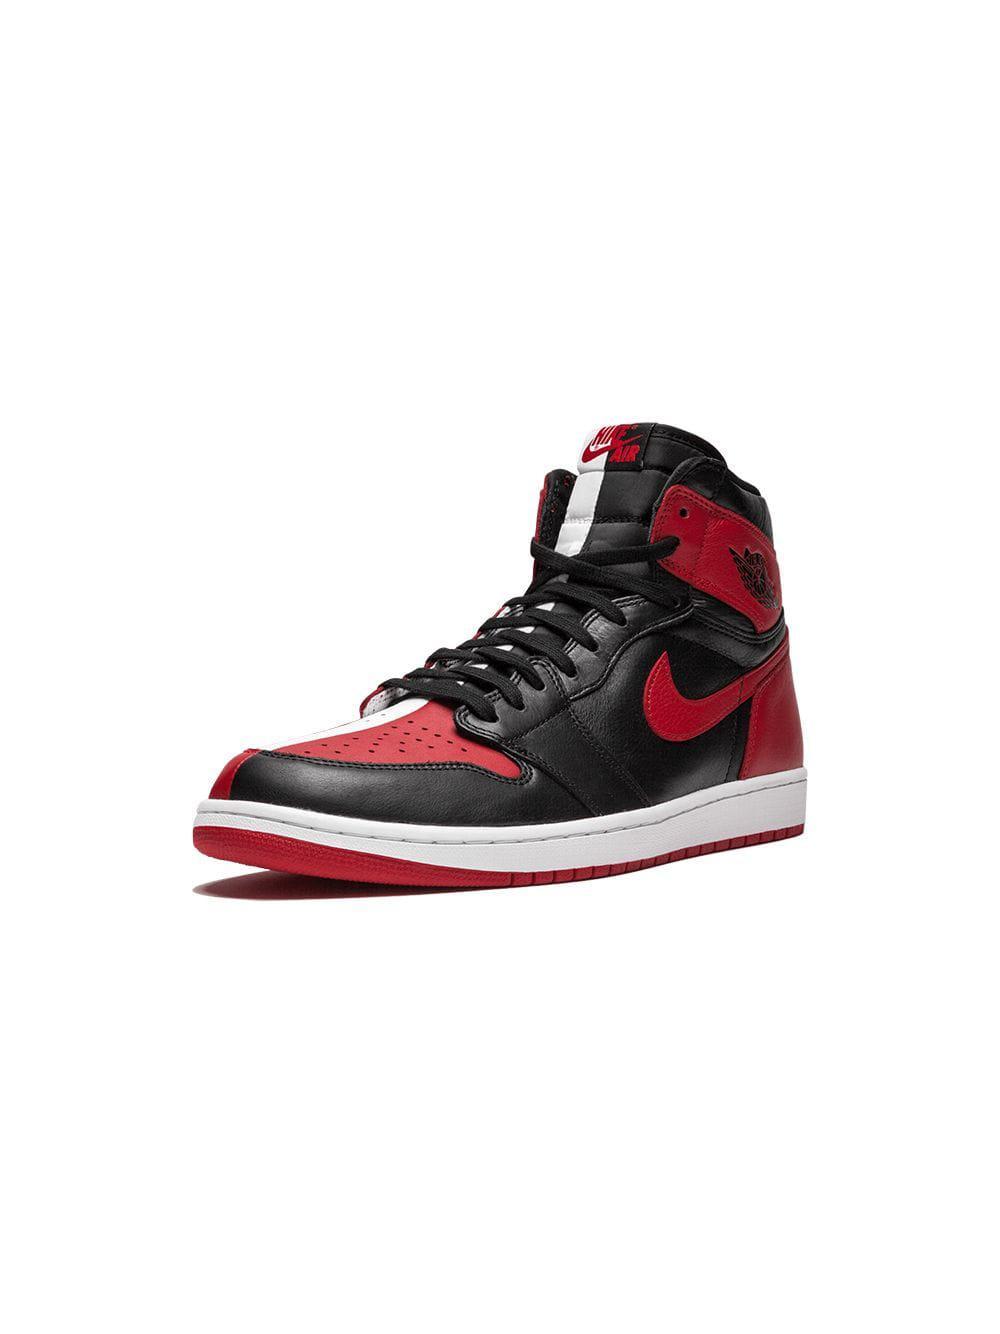 ad3b41f1e44e95 Nike Air 1 Hi H2h Nrg   Chi Sneakers in Black for Men - Lyst